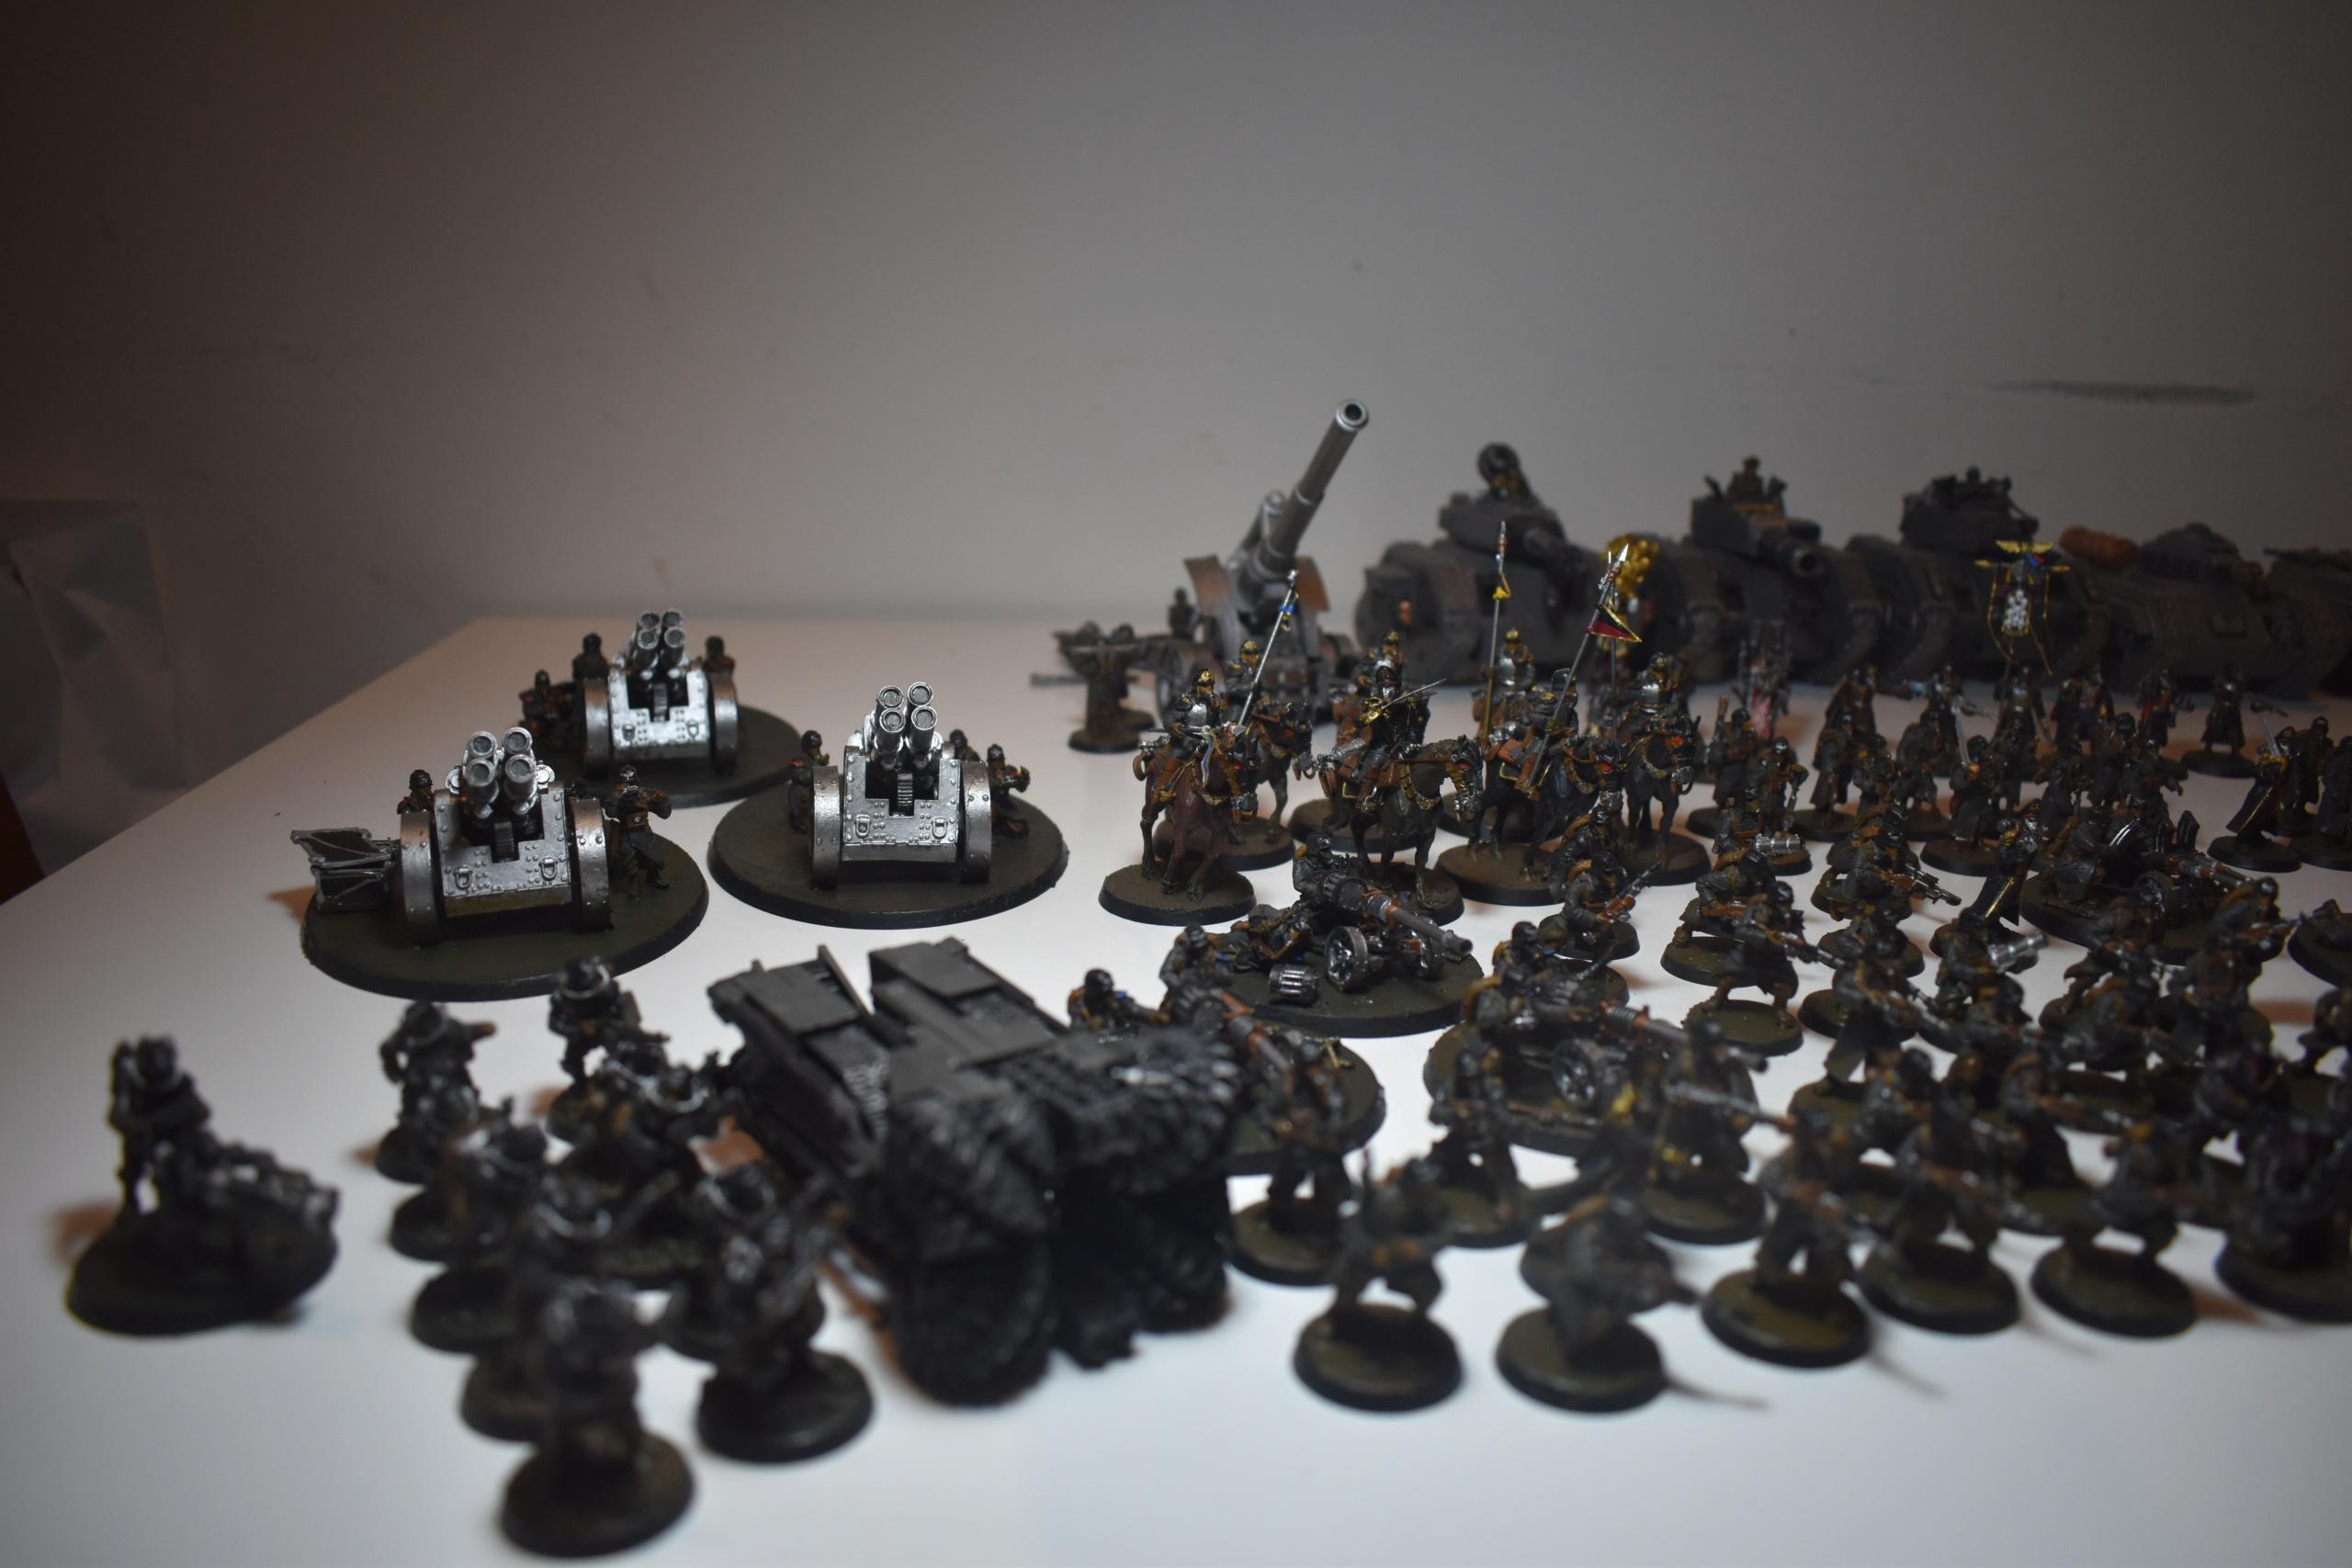 Les Armées de Nico. (Battle, 40K & HH) - Page 6 Dsc_0233